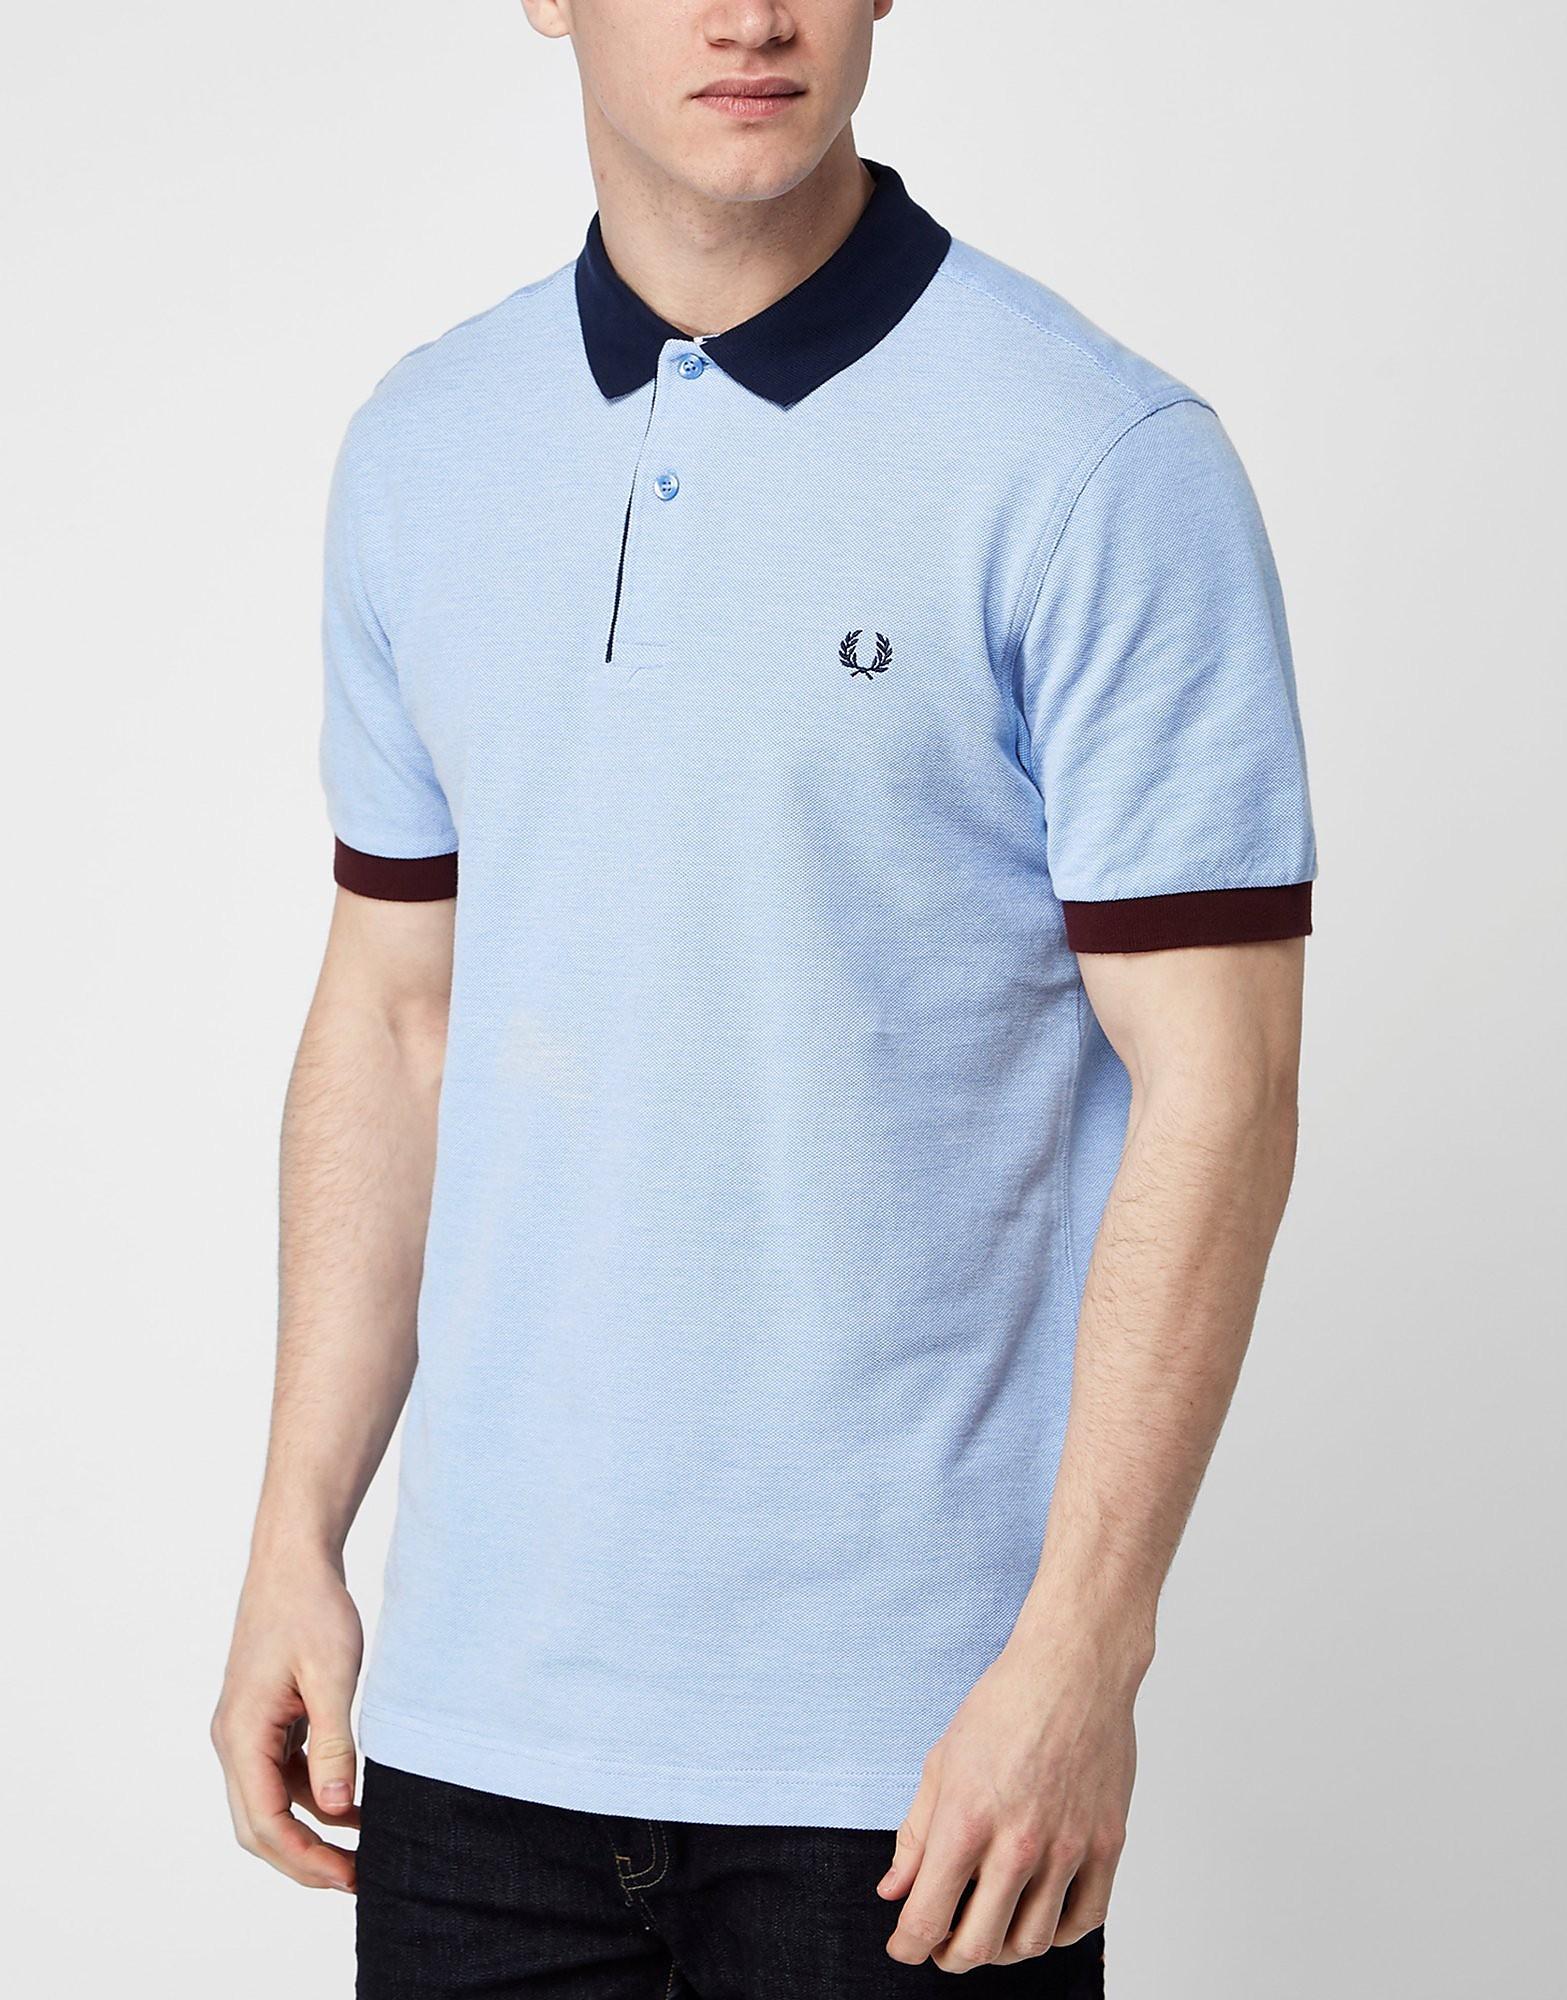 Fred Perry Contrast Collar Polo Shirt  BlueNavy BlueNavy